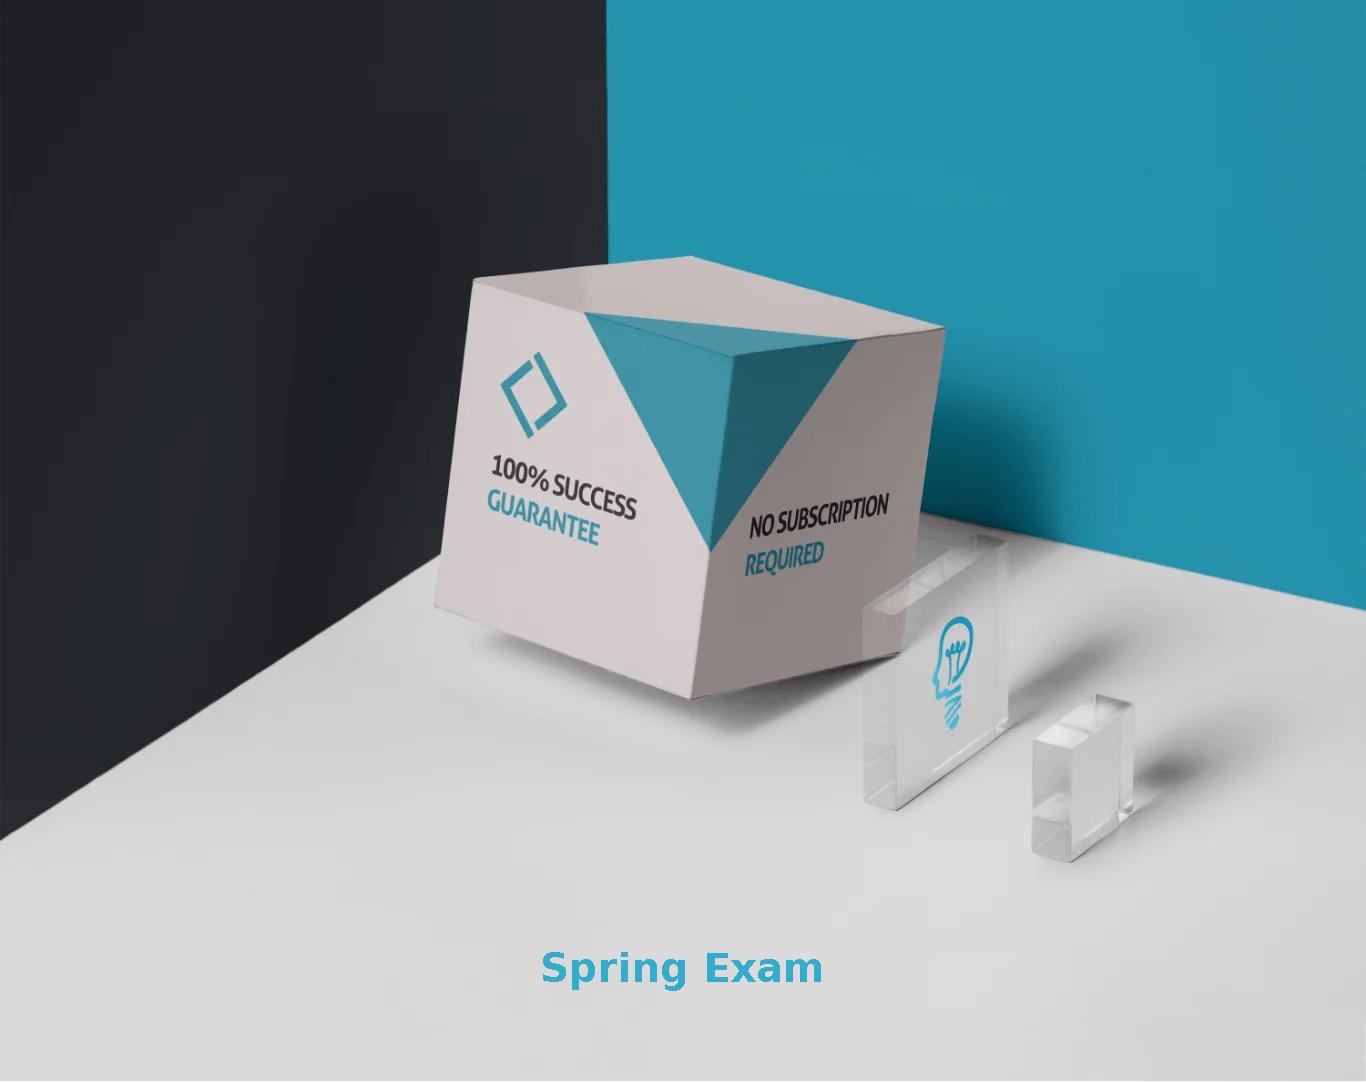 Spring Exam Dumps